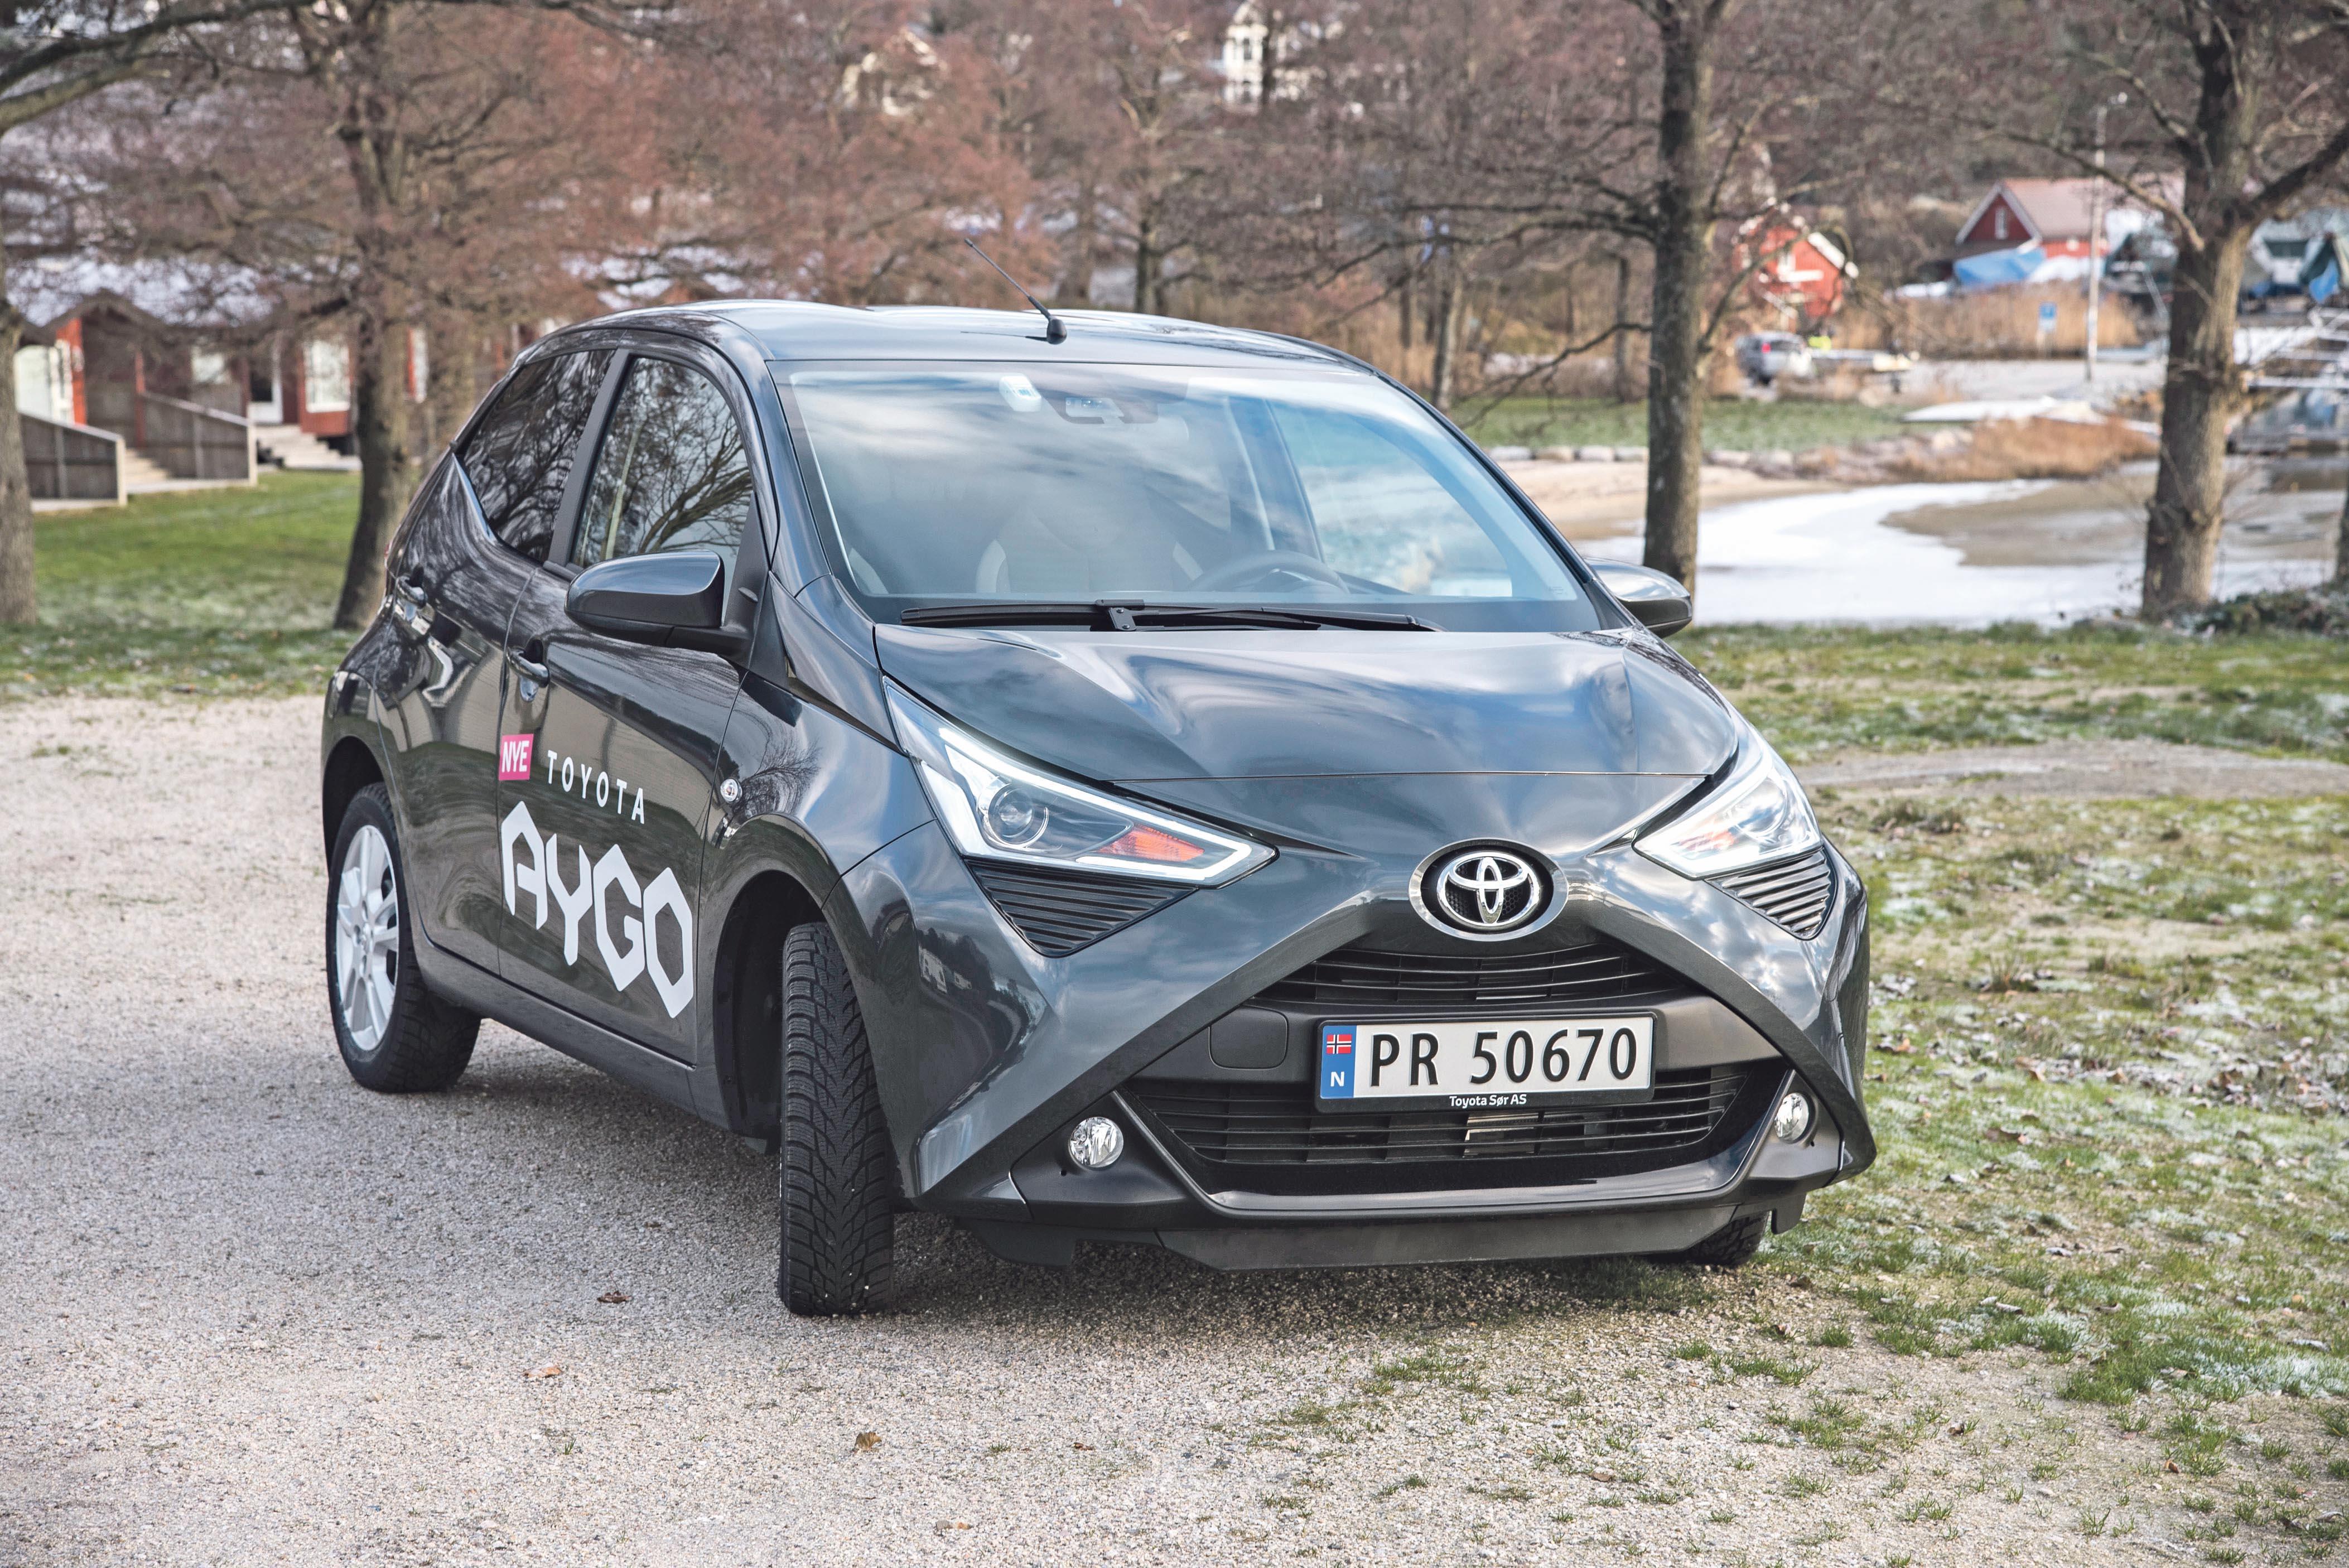 TØFF LITEN TASS: Toyota Aygo Er Ikke Stor, Men Tøff I Trynet. X-designen I Snuten Er Blitt Bilens Signatur. Med Et Friskere Fargevalg Blir Den En Riktig Humørspreder.